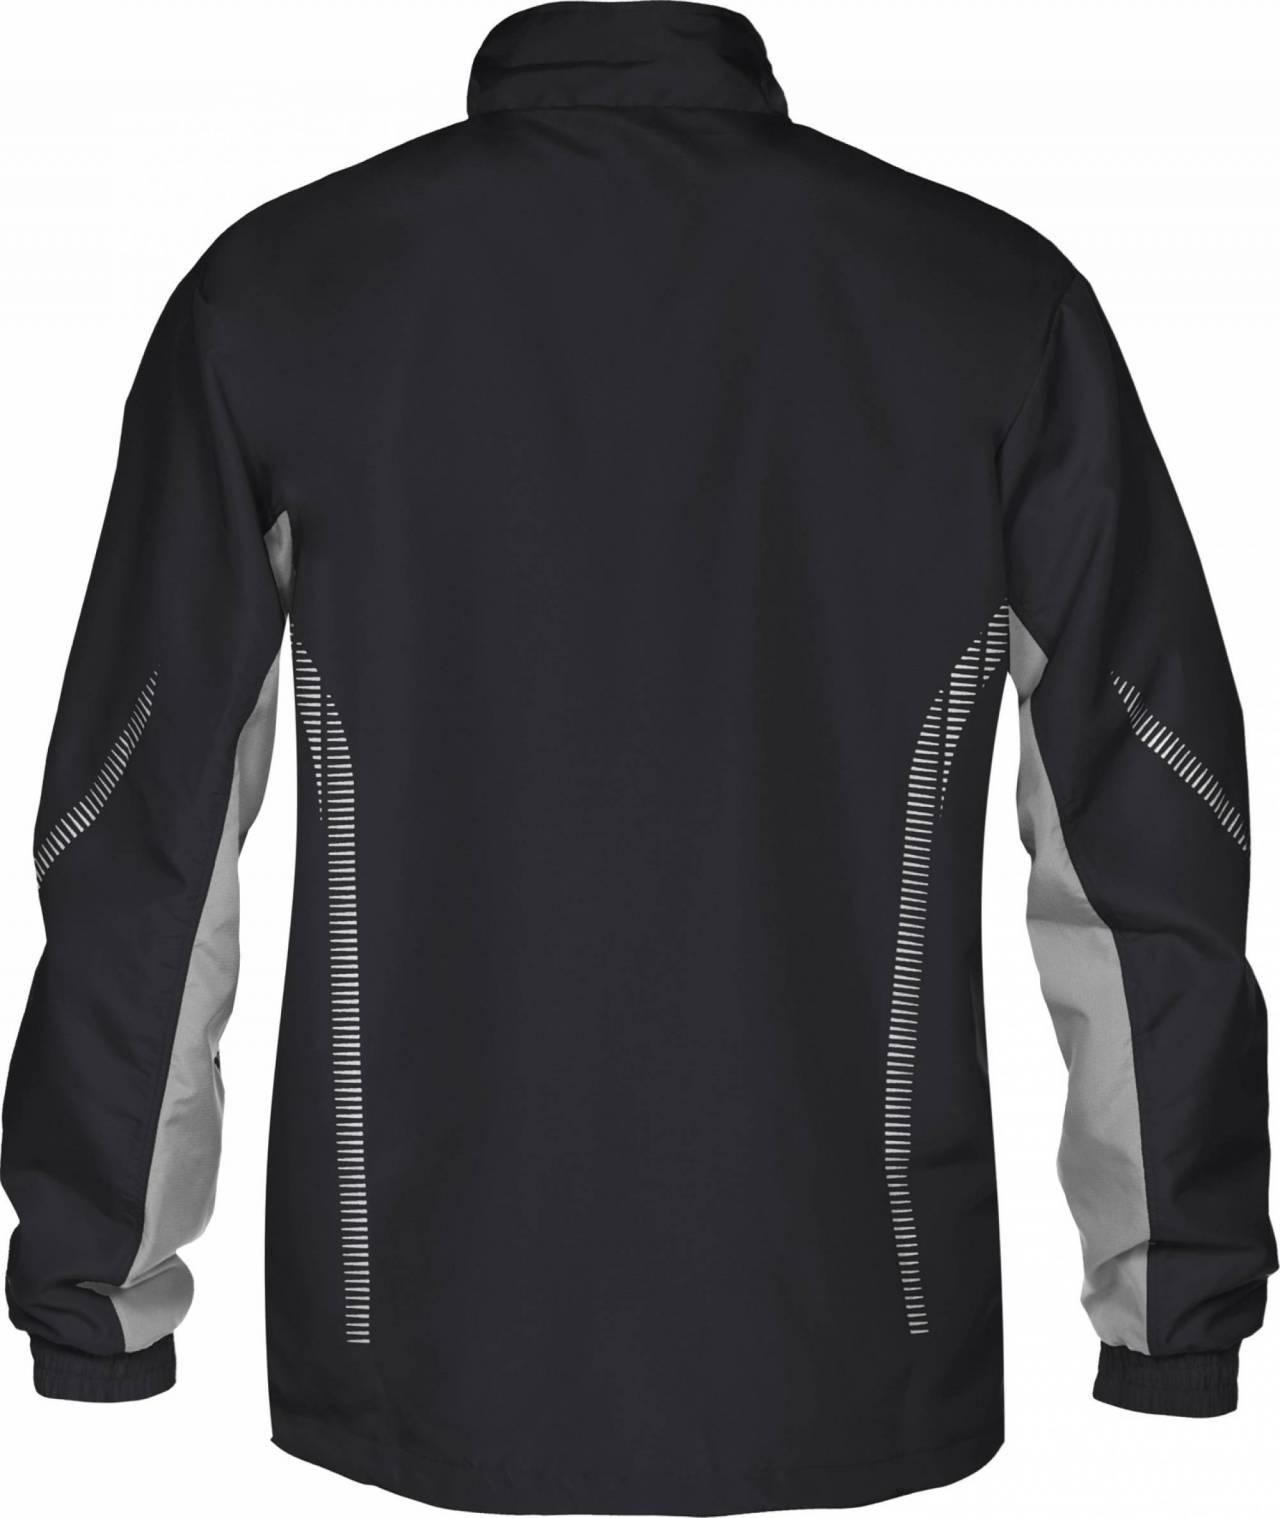 TL Warm up jacket